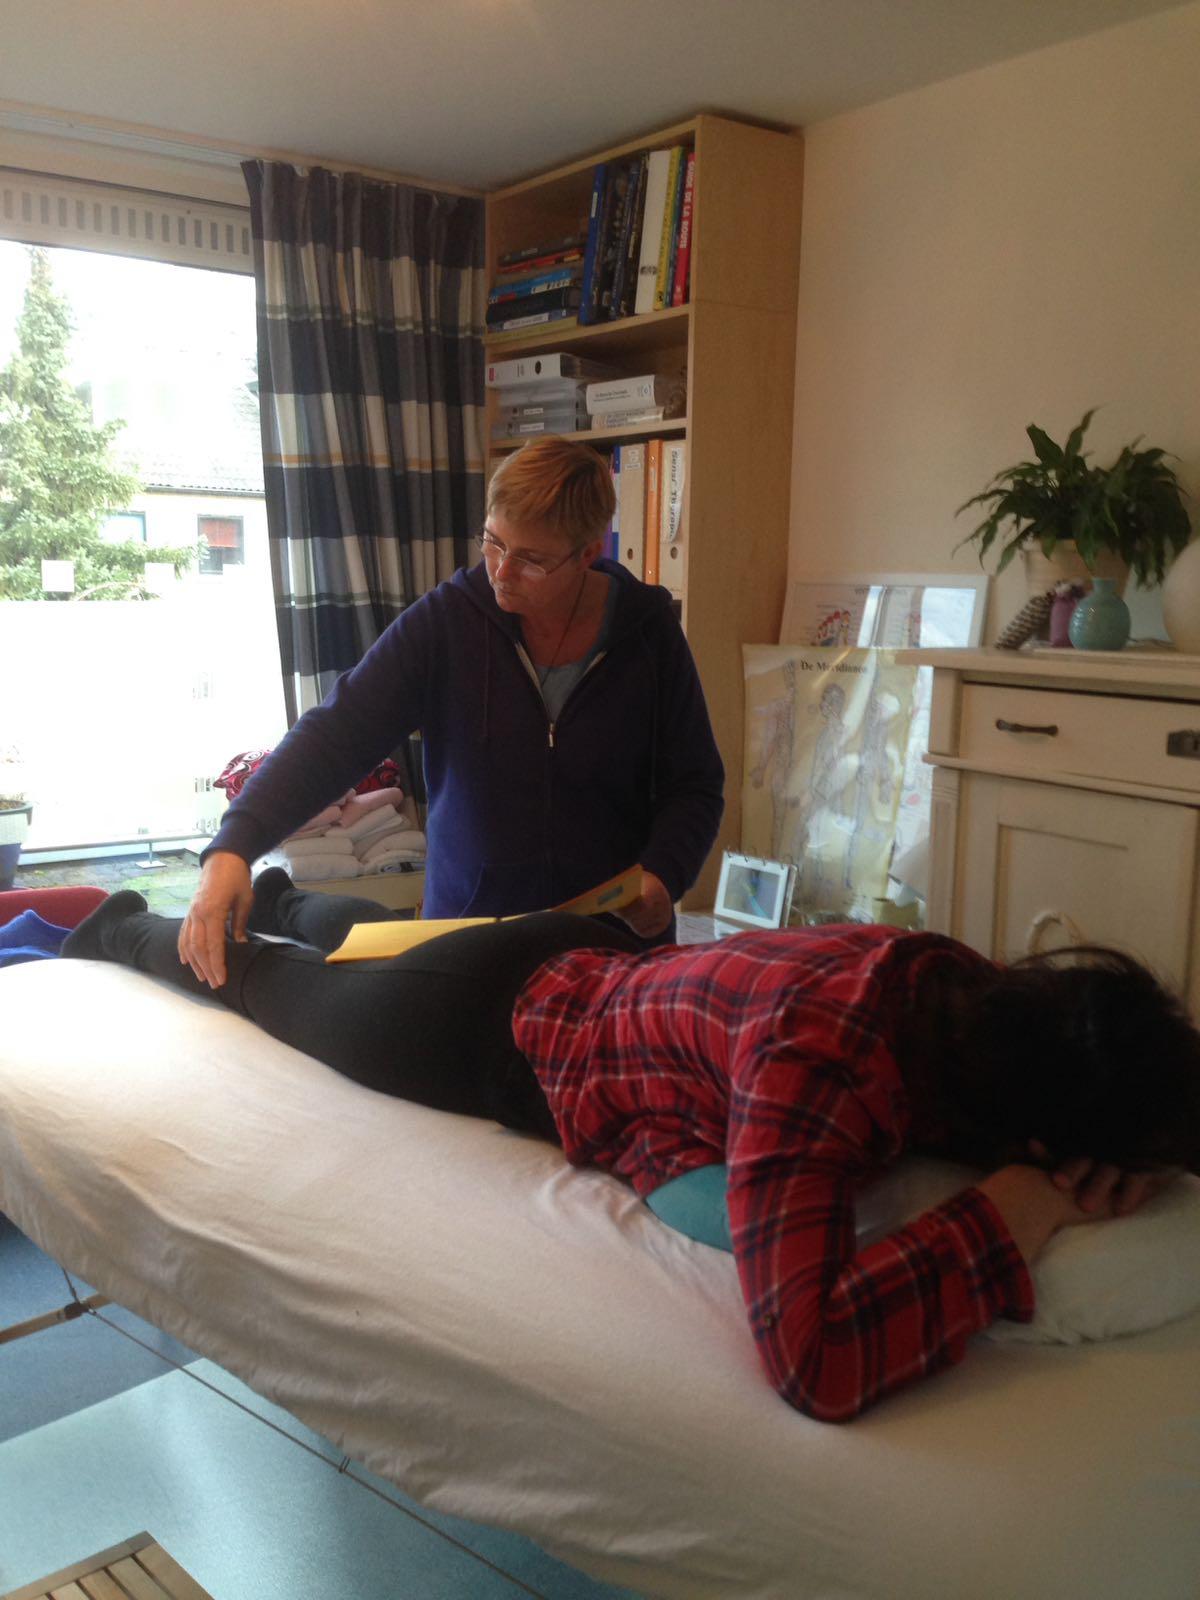 SensiTherapie opleiding